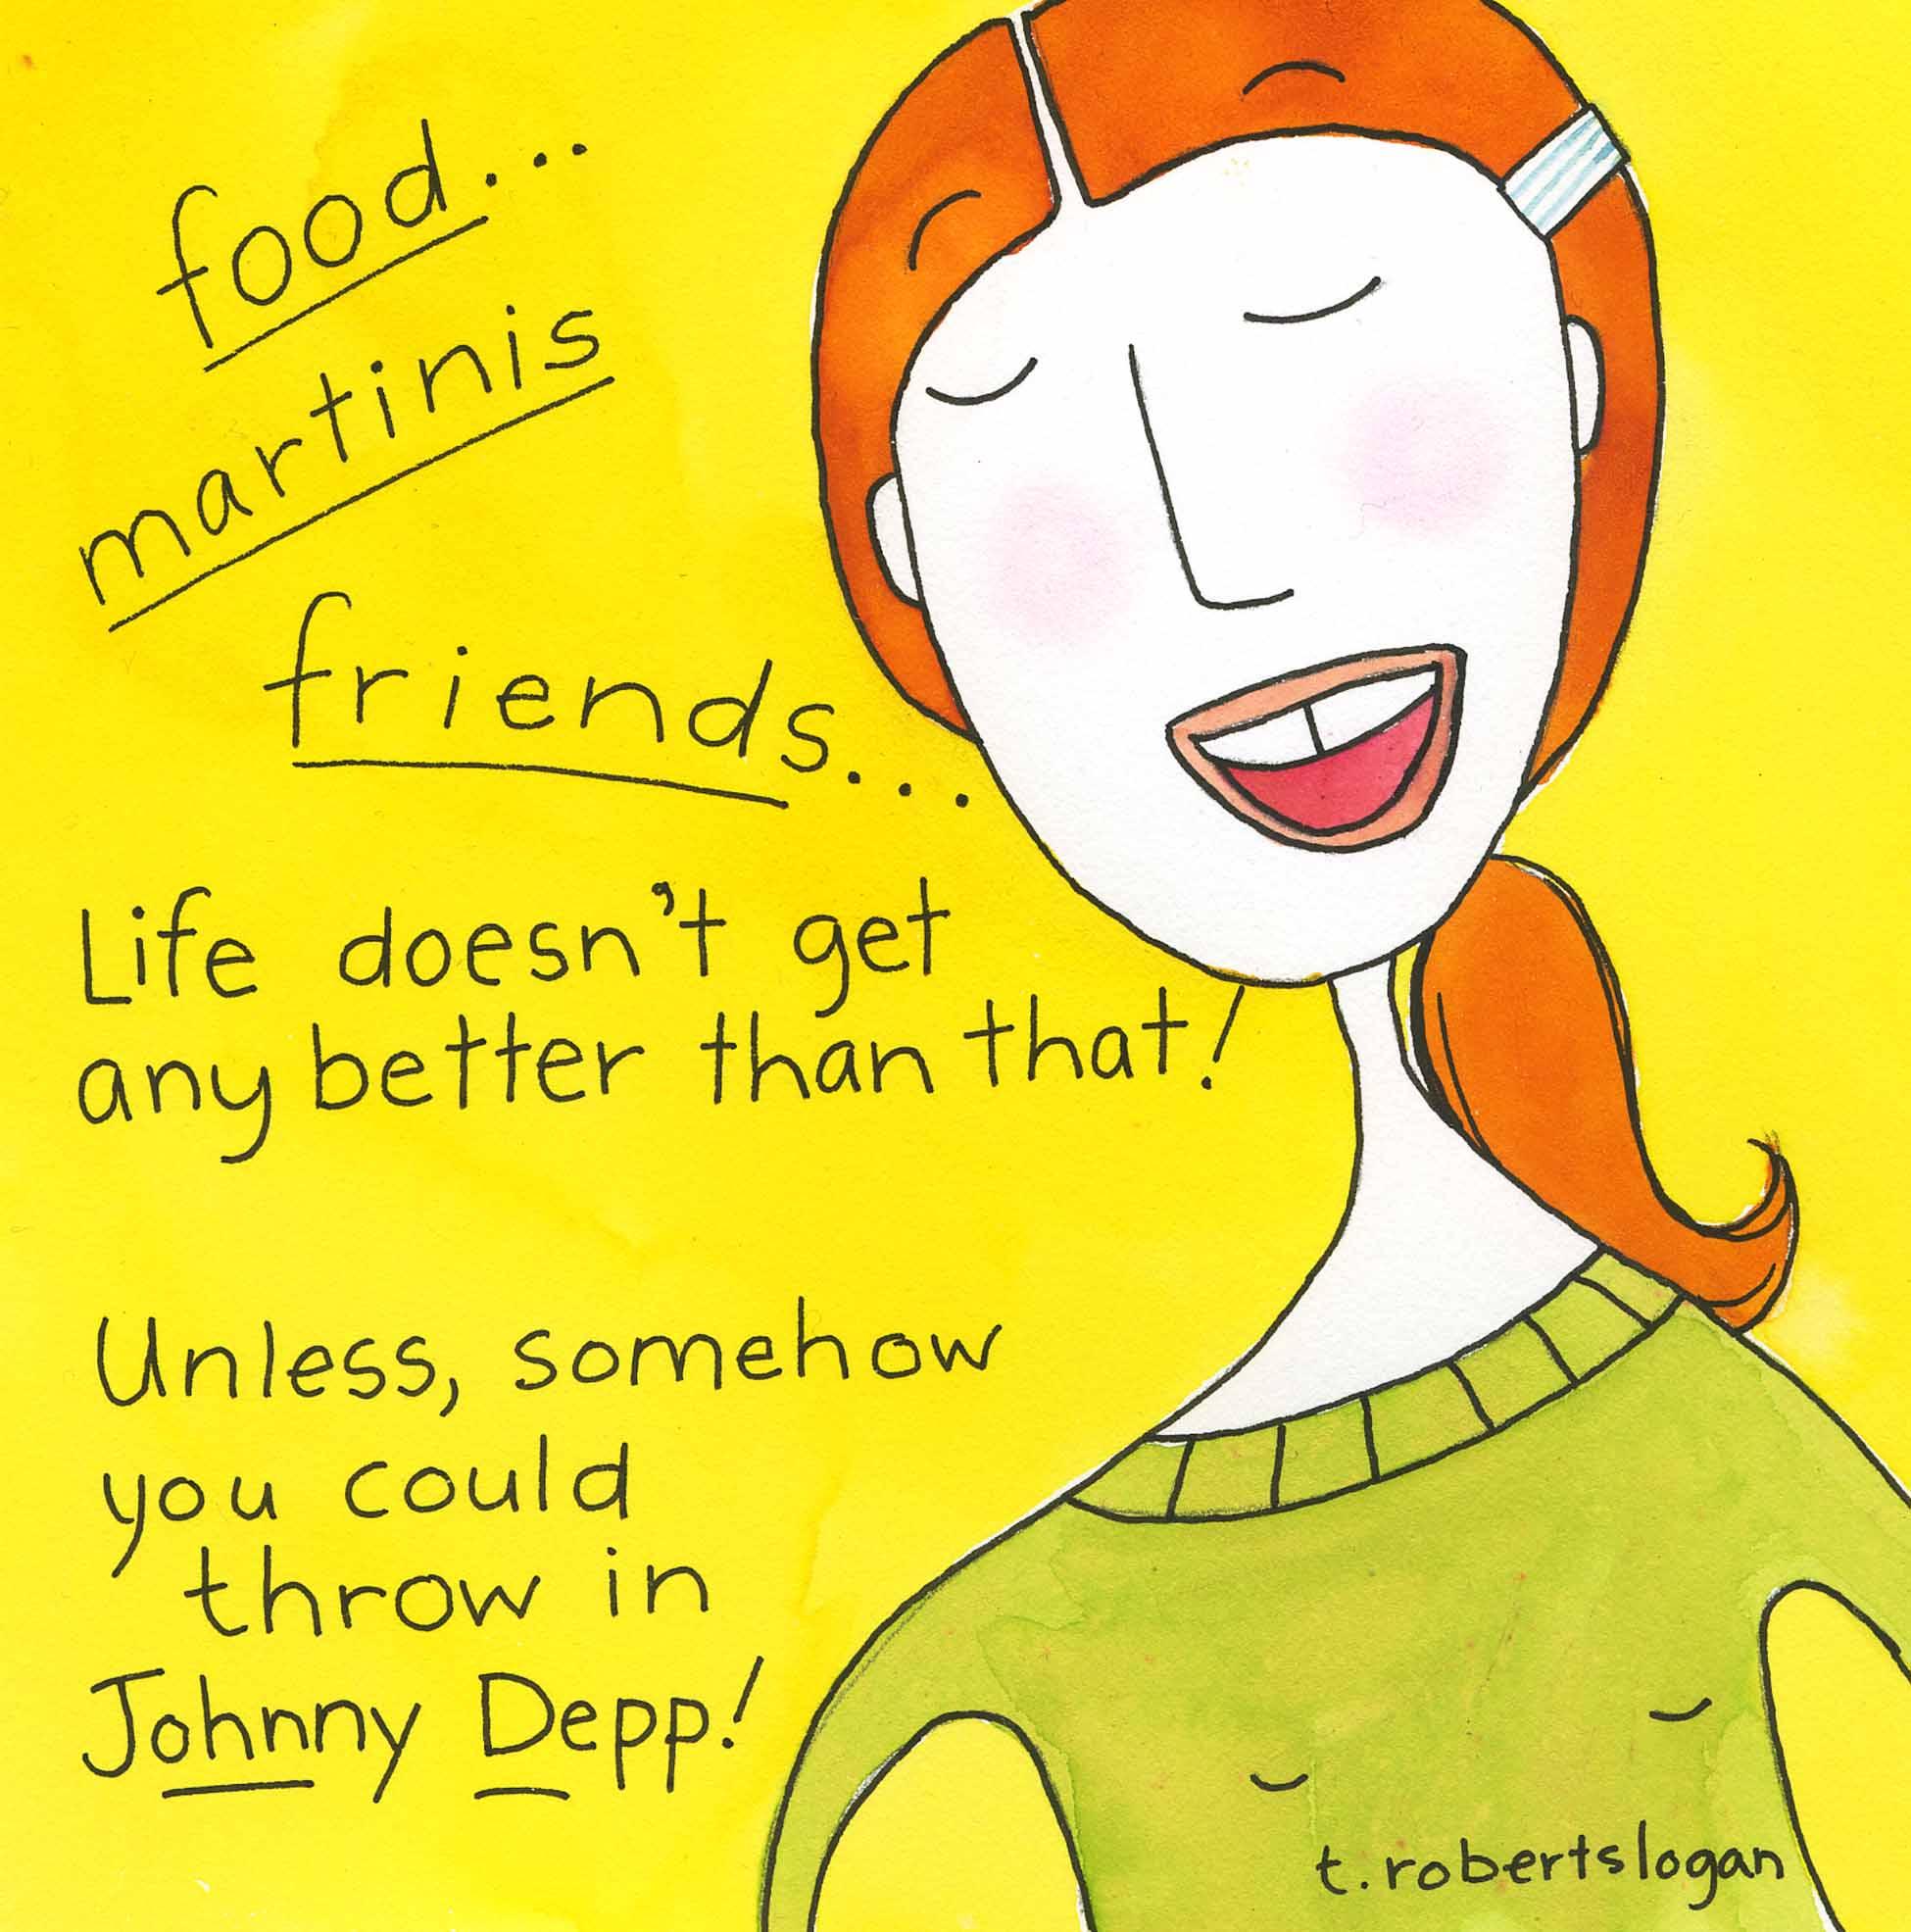 Johnny Depp Napkin.jpg